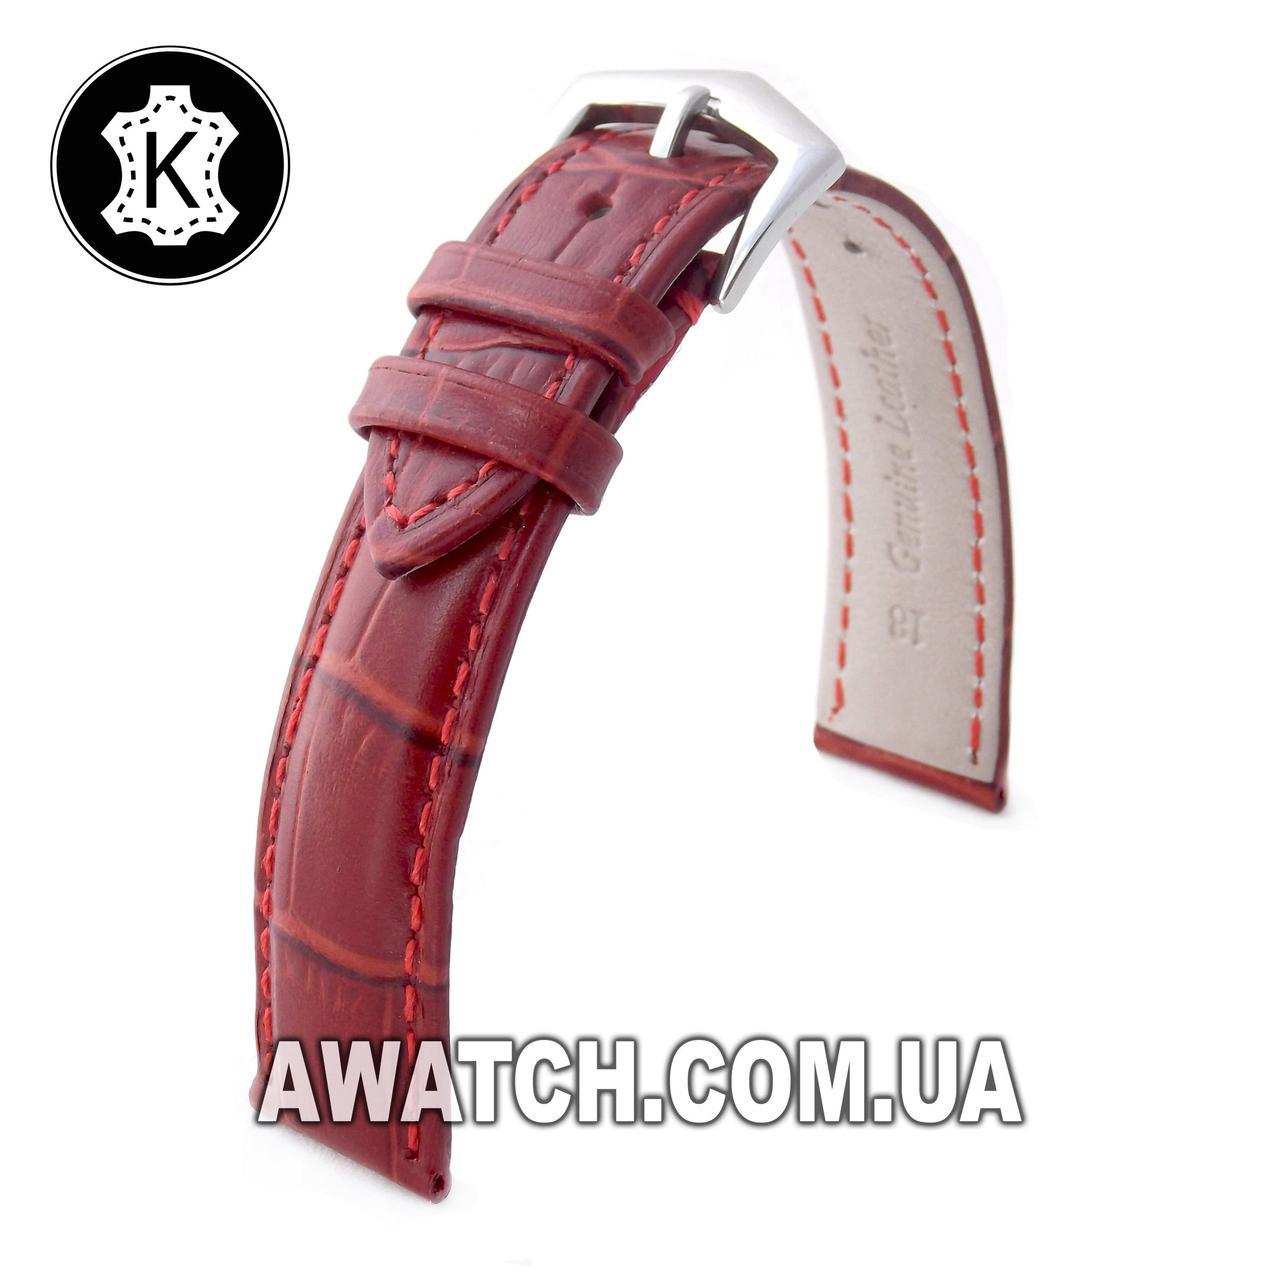 Ремінець шкіряний Catfskin для наручних годинників з класичною застібкою, коричневий, 10 мм